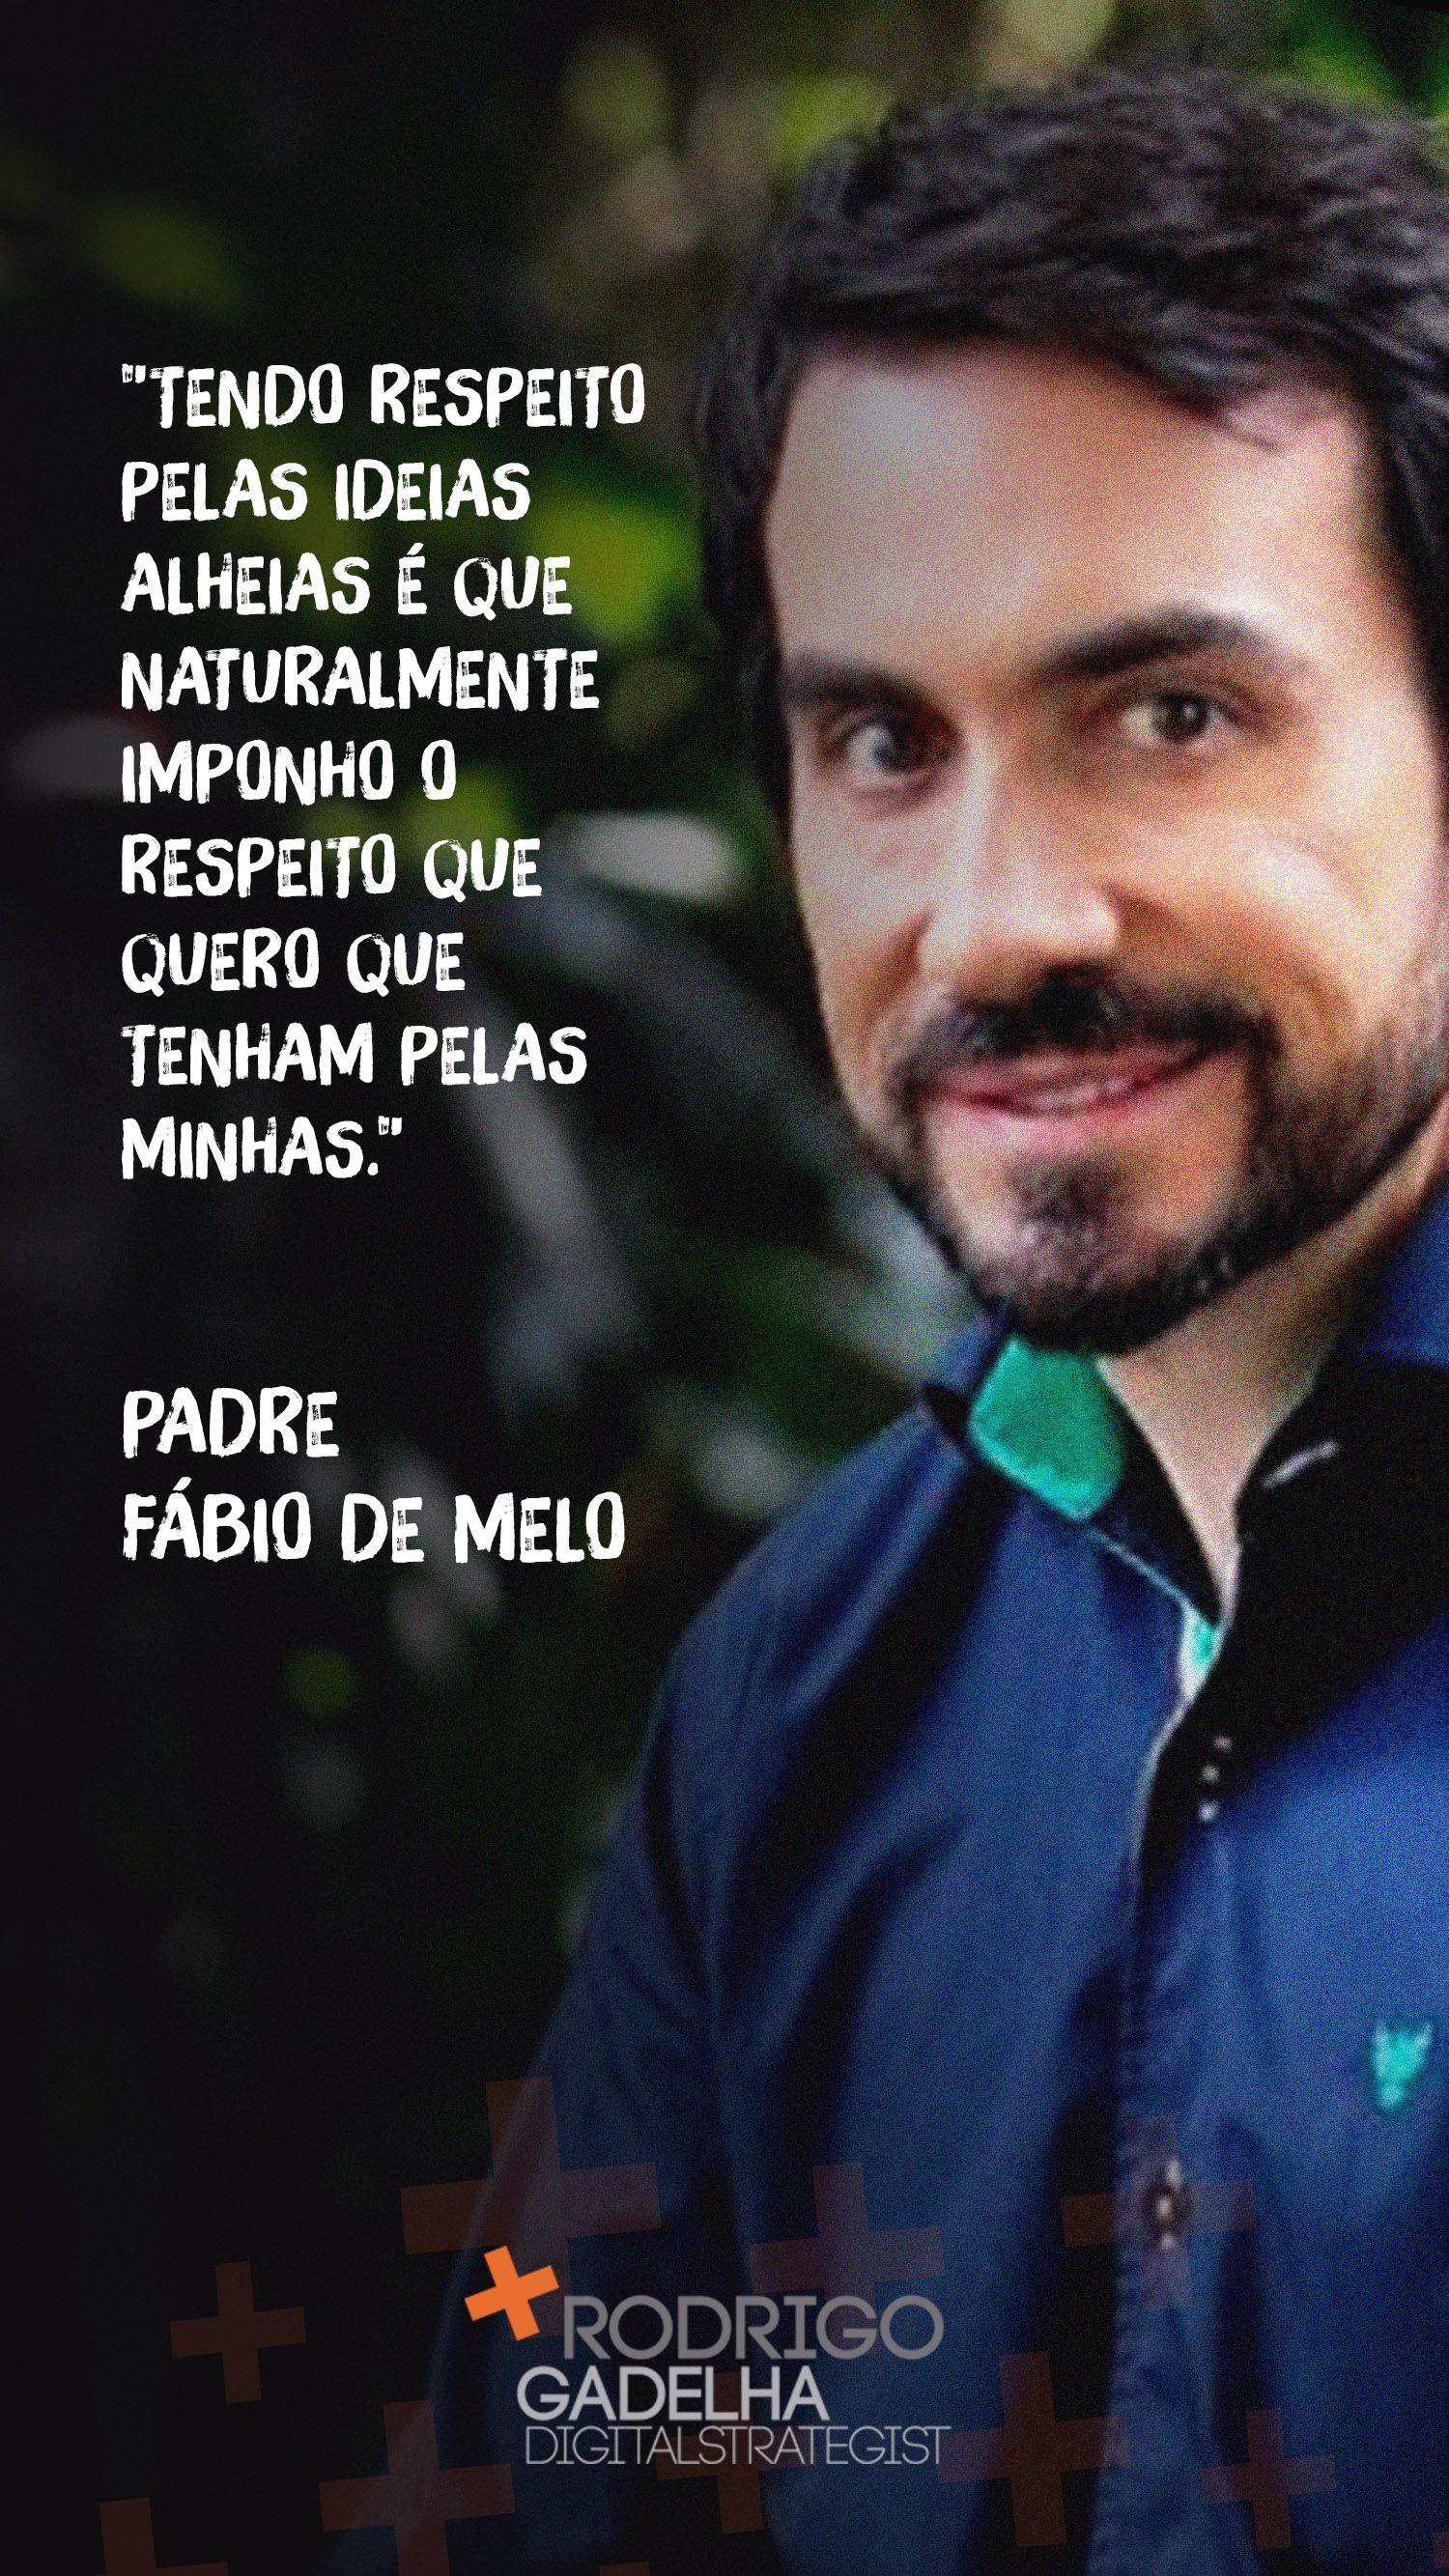 Como O Padre Fabio De Melo Disse E Preciso Ouvir O Que O Outro Tem